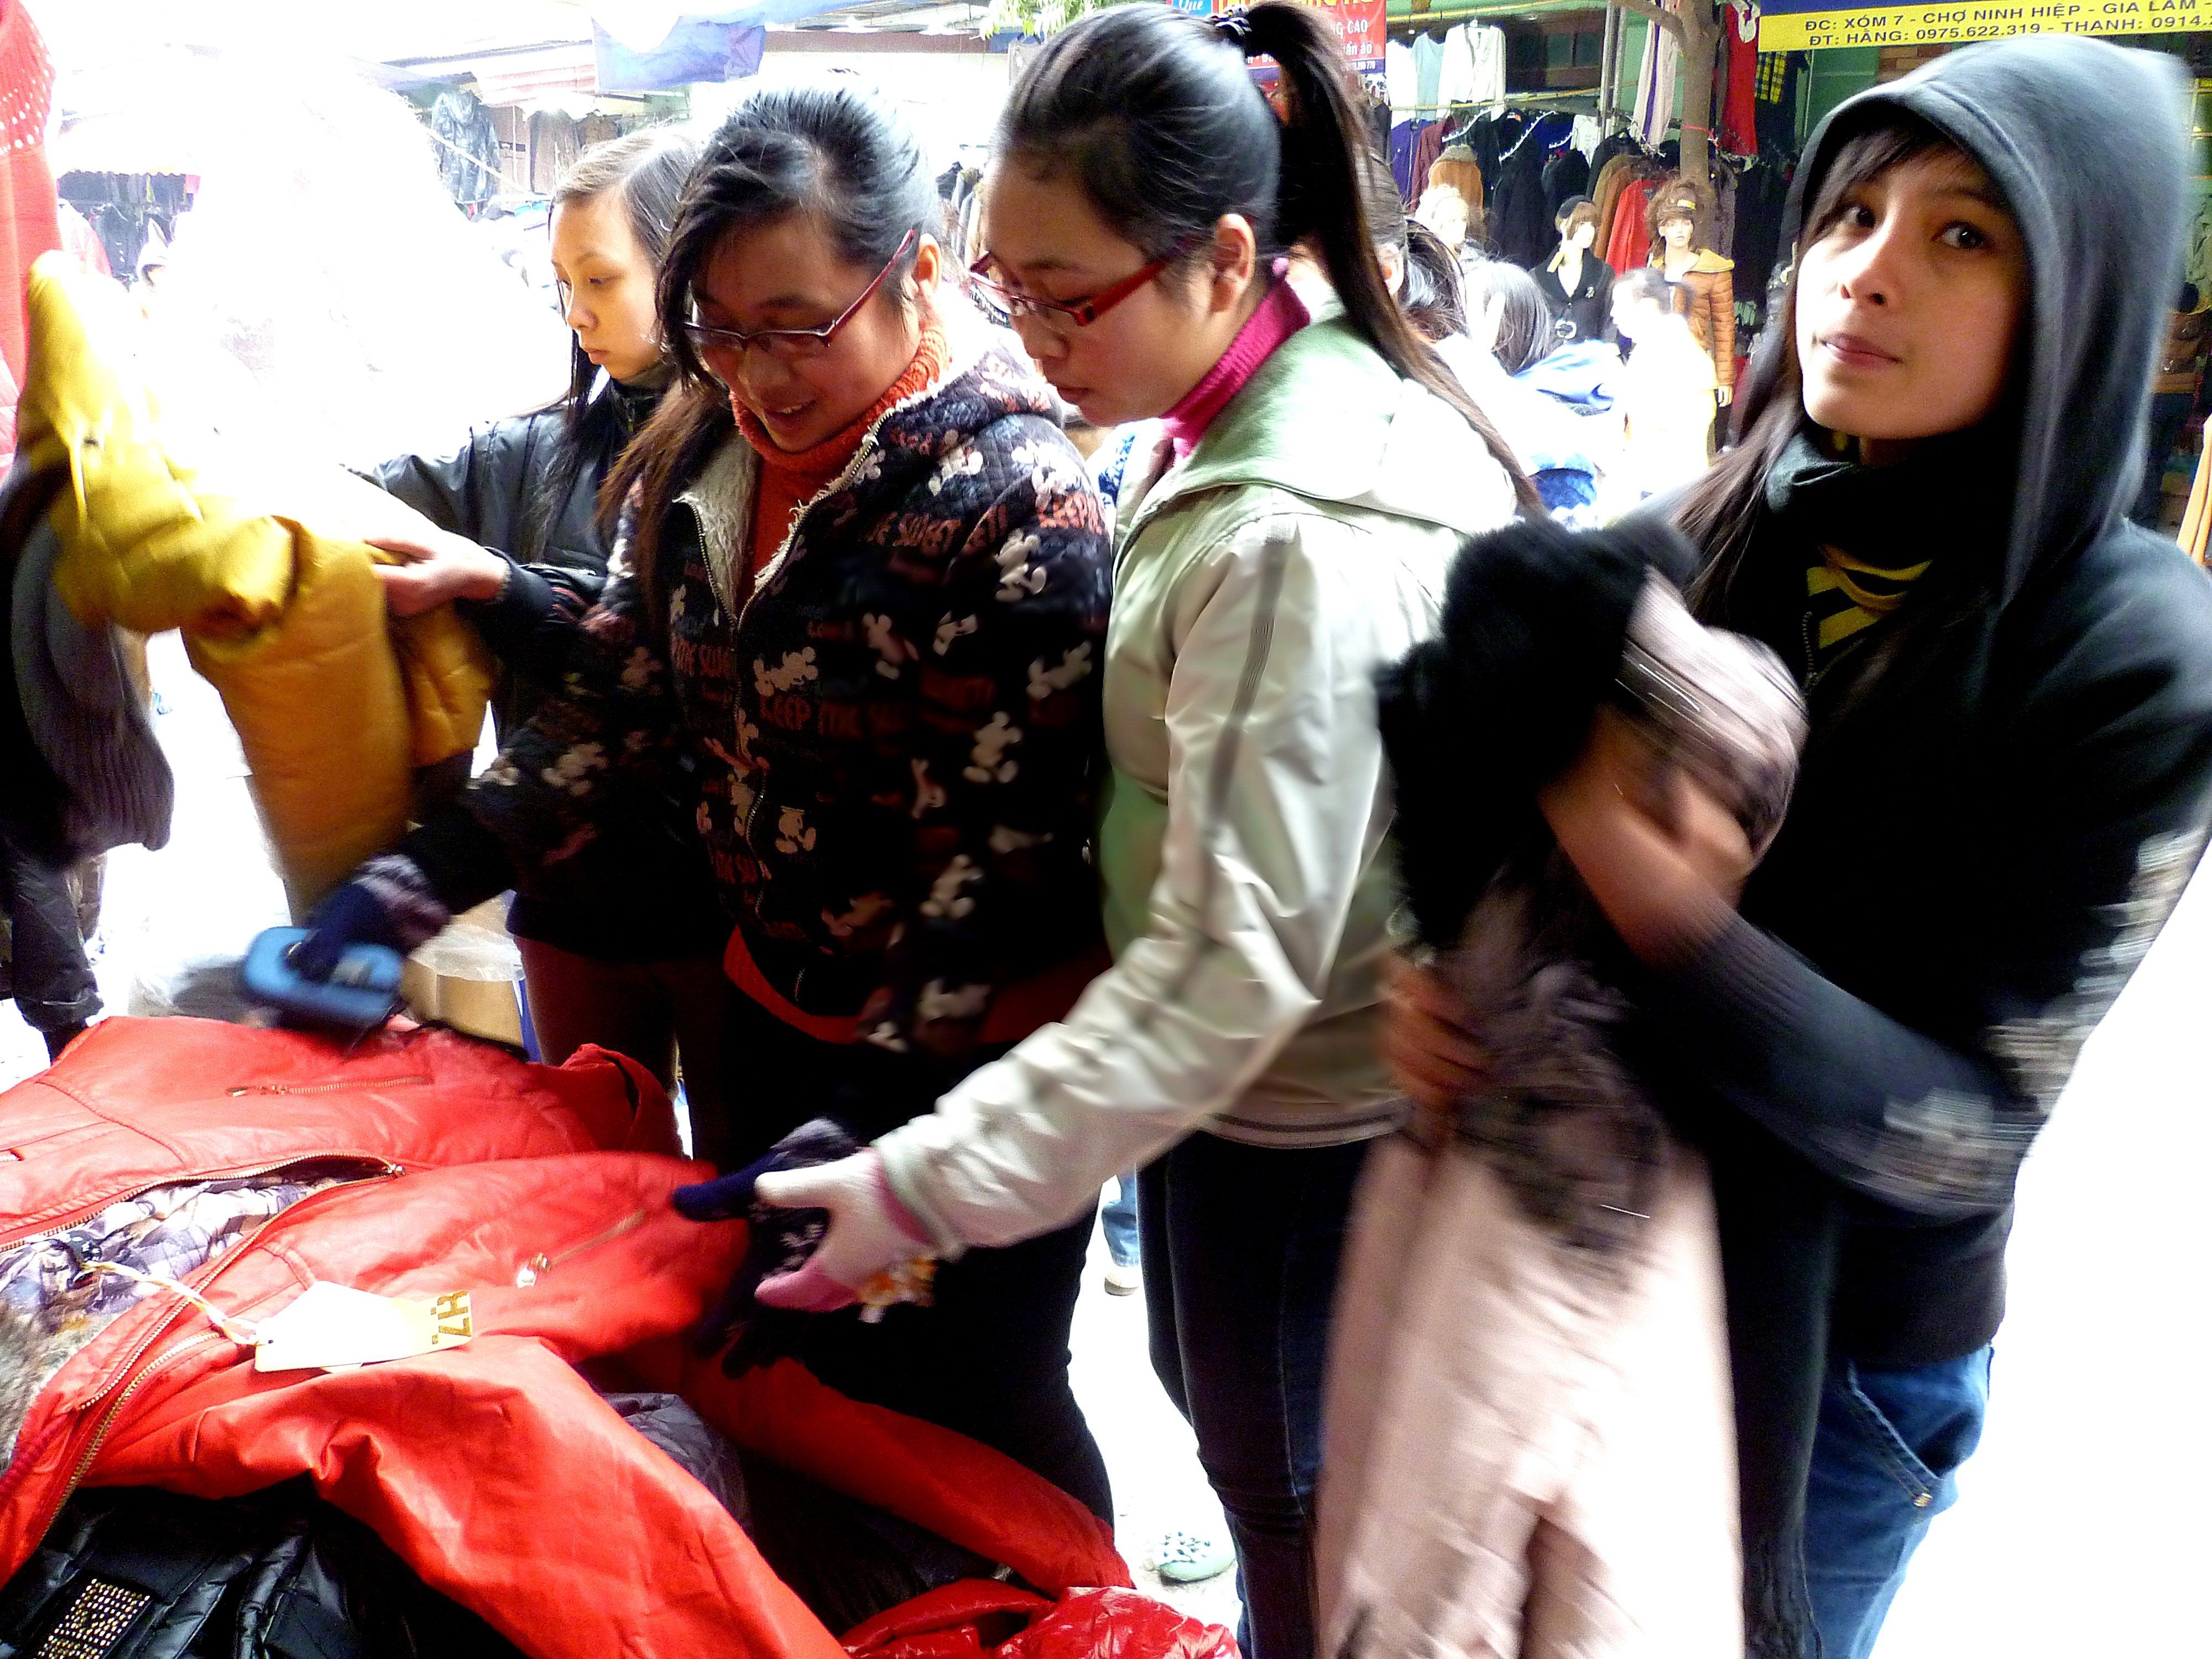 Hình ảnh Cuối năm: Vào chợ đầu mối, săn quần áo giá rẻ số 2